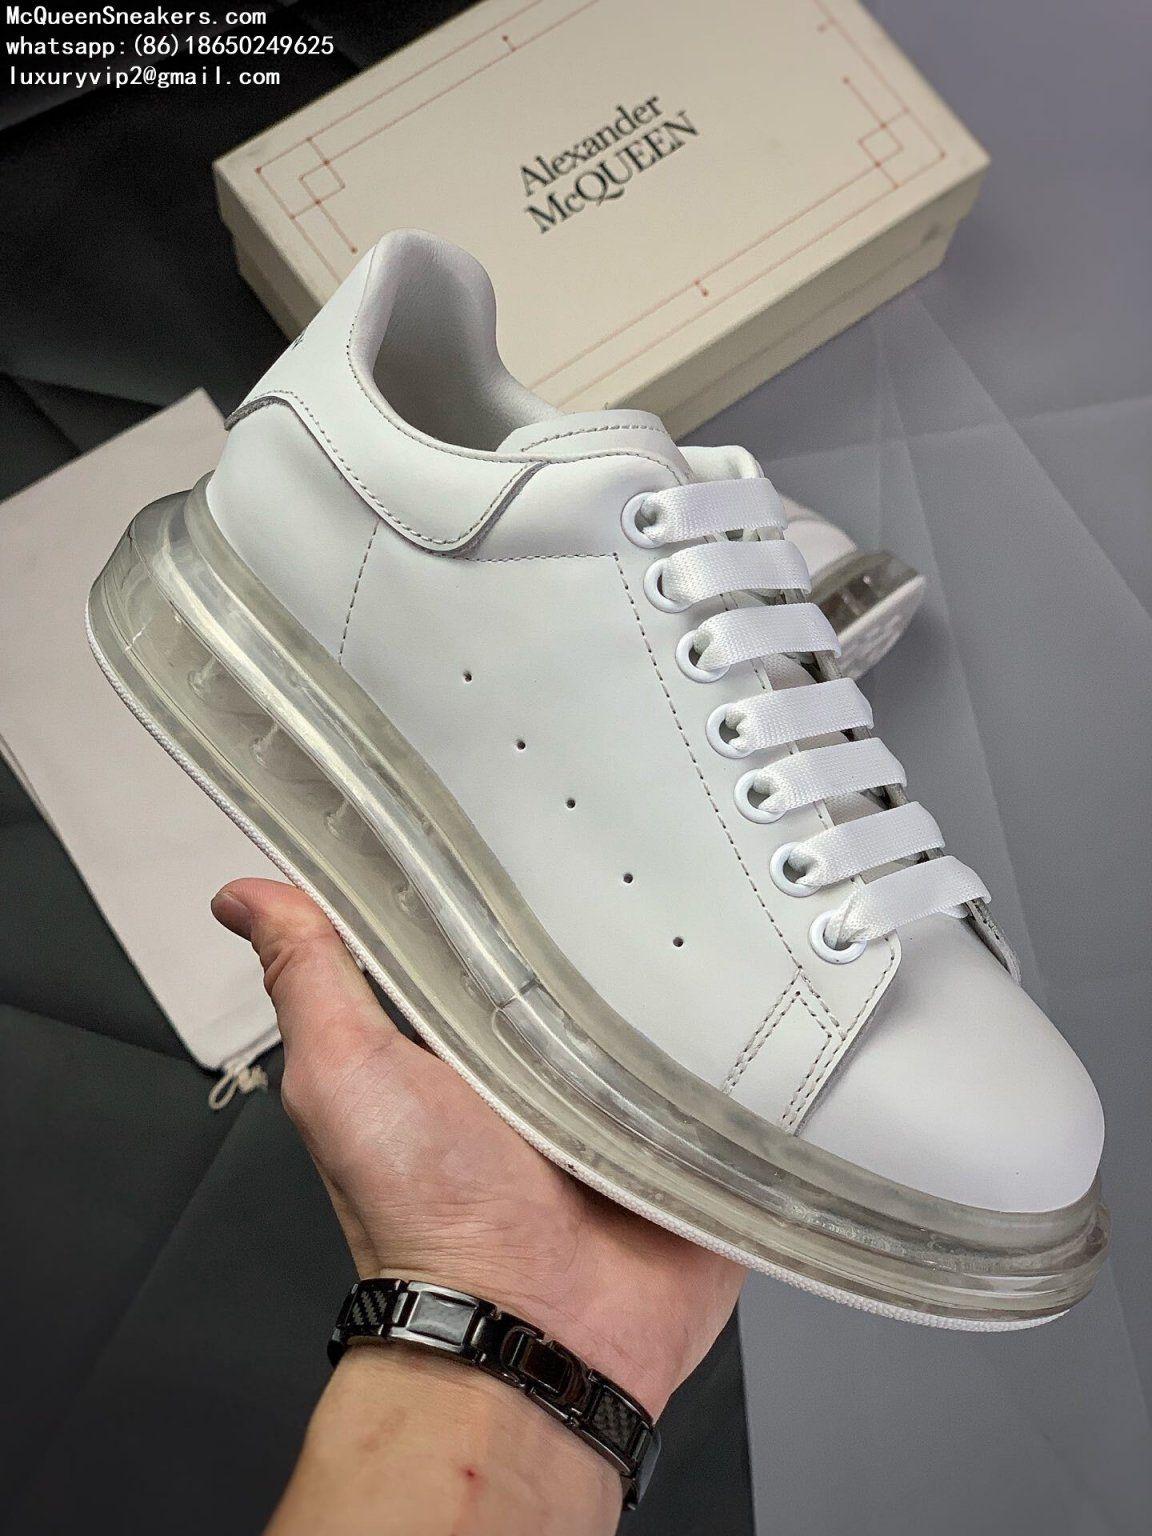 Alexander mcqueen oversized sneakers